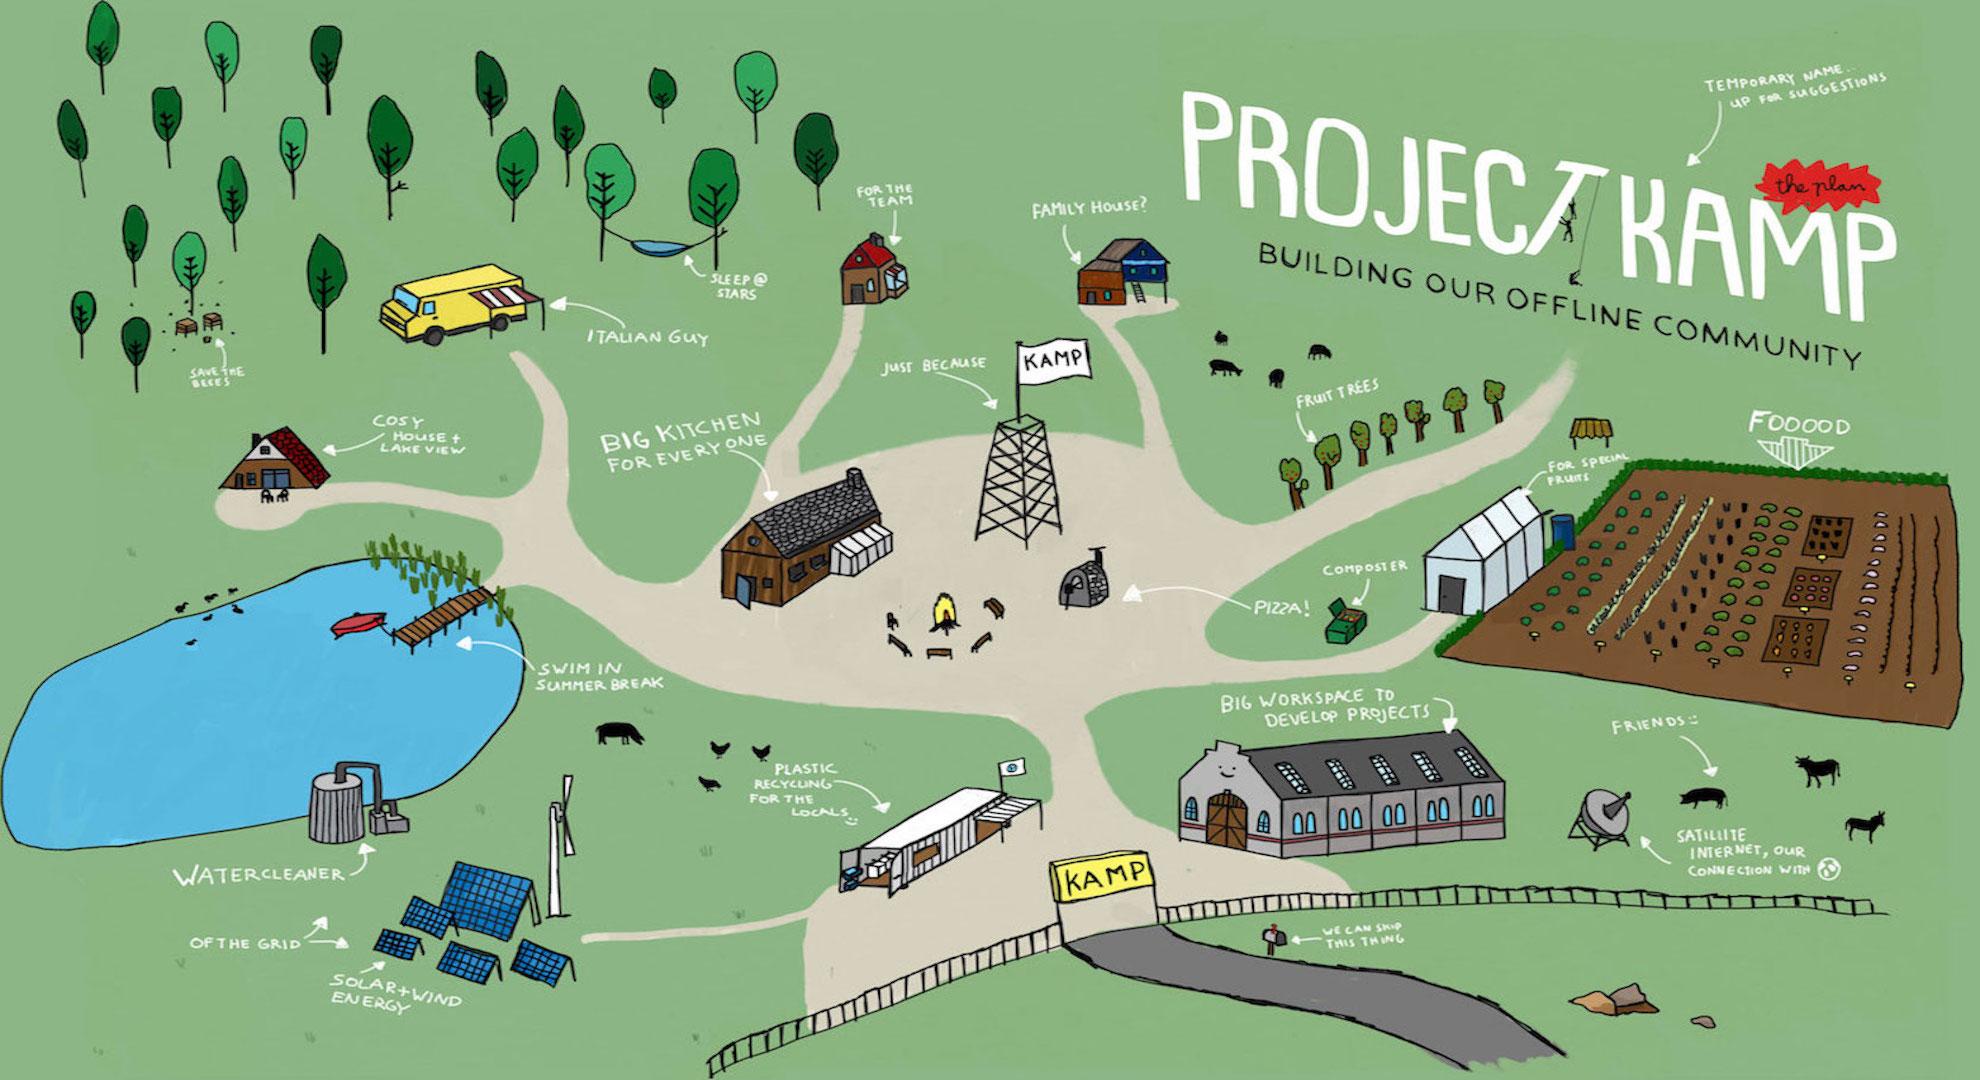 Project Kamp: Daha sürdürülebilir bir yaşam mümkün mü?